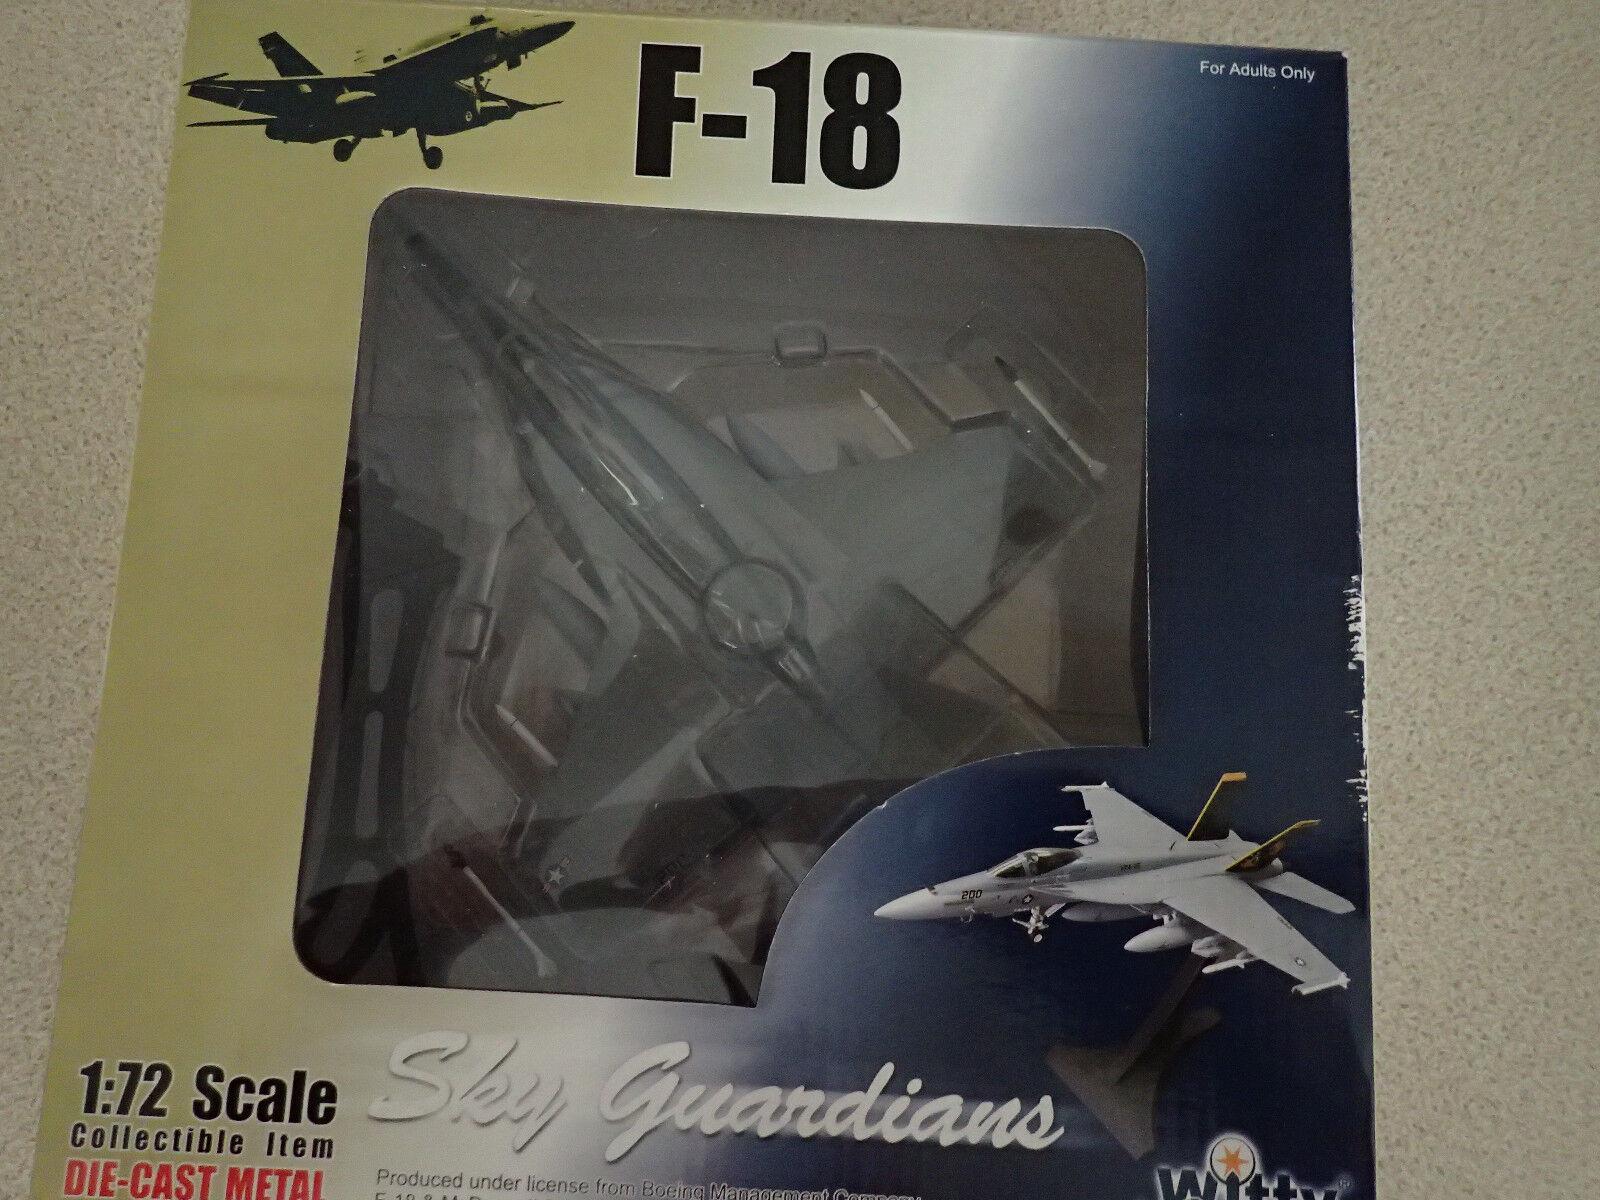 Witty Wings Sky Guardians 1 72 WTW-72-007-002 F-18 VFA-137 Kestrels Unopened